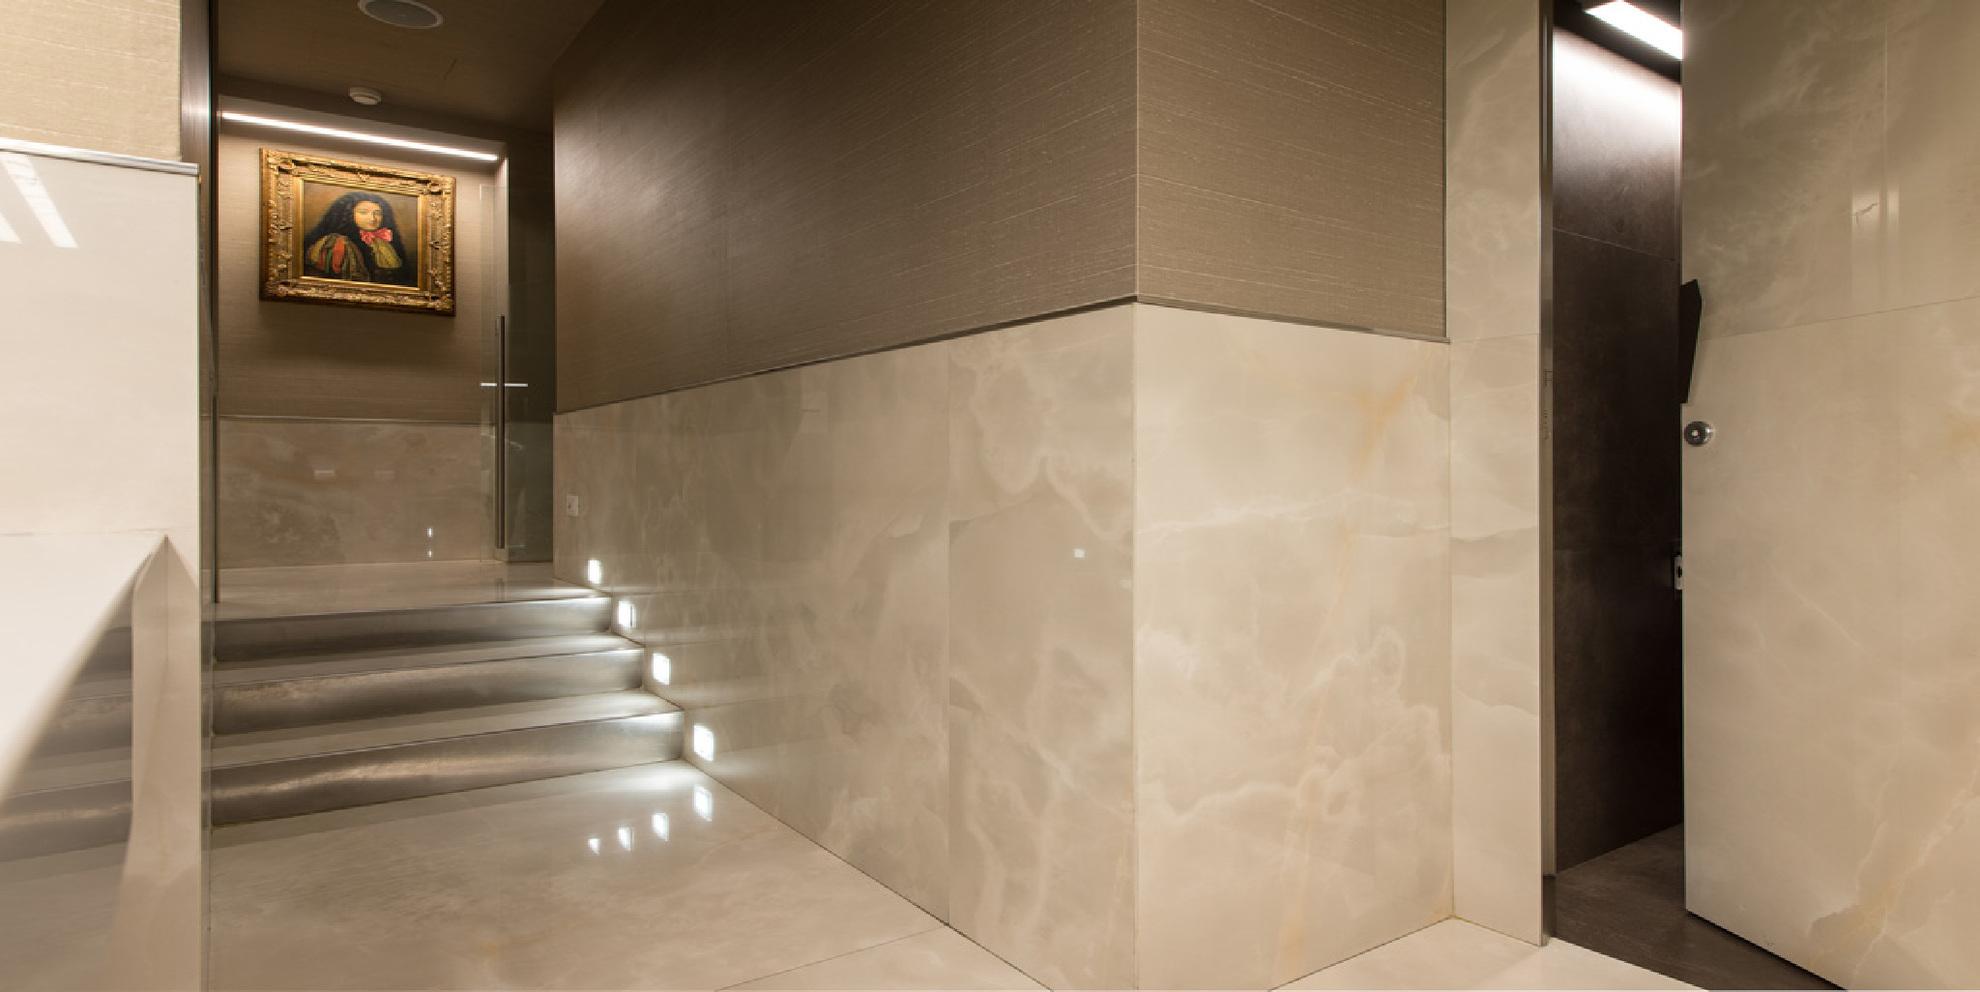 Piastrelle grandi formati effetto marmo superfici e innovazione